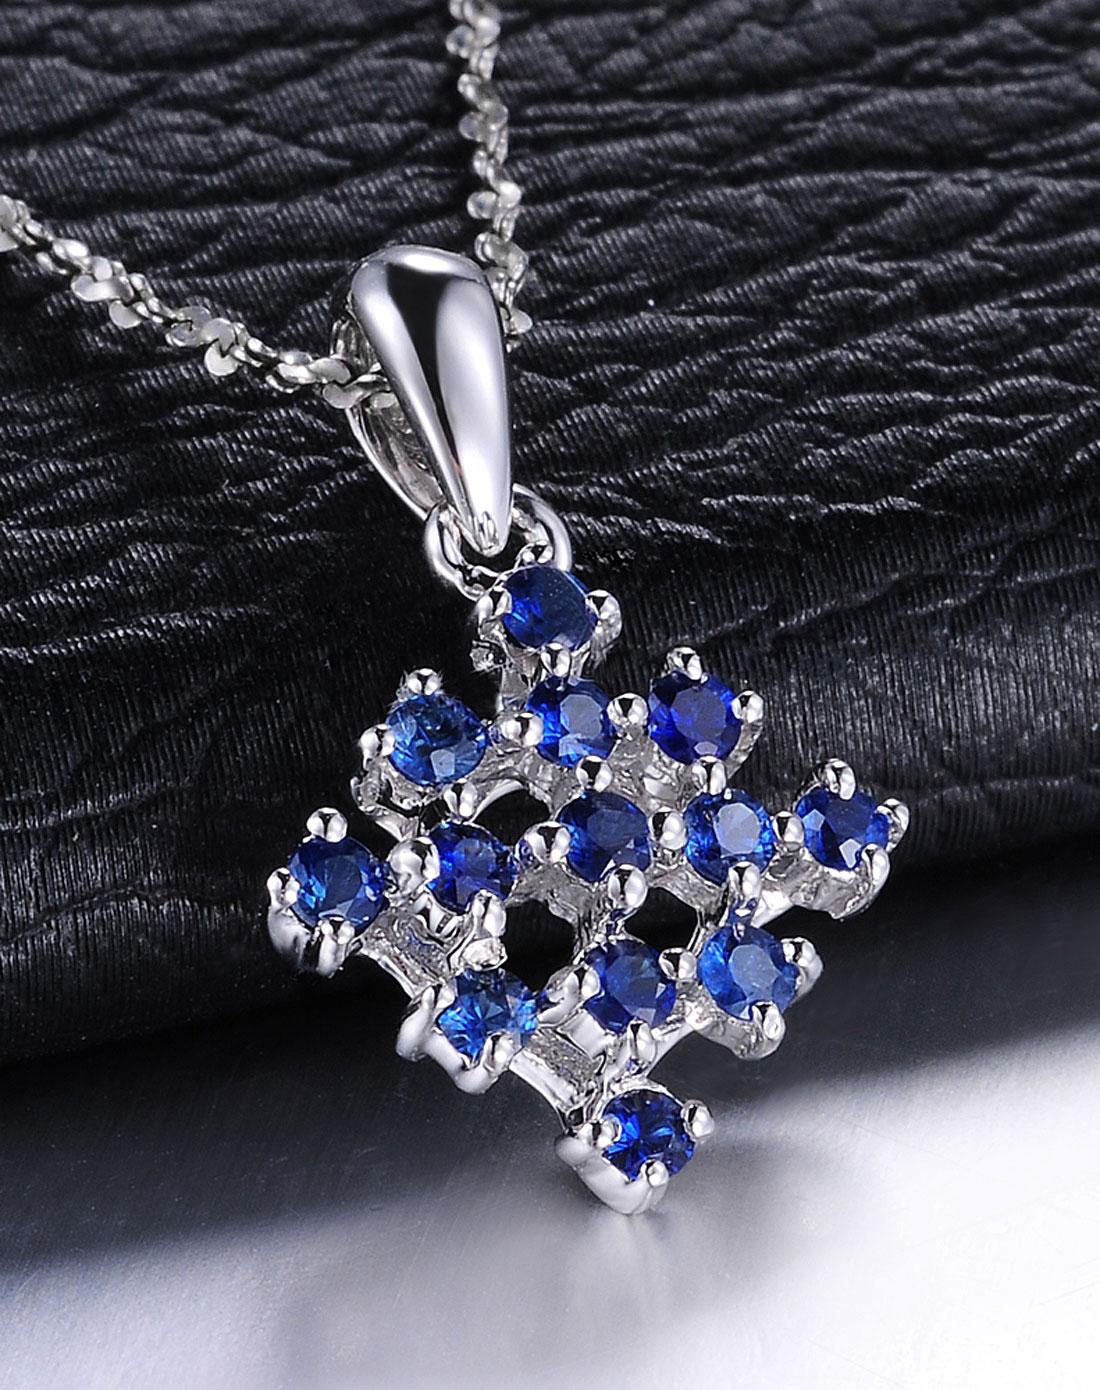 9k金蓝宝石结婚吊坠/彩色宝石